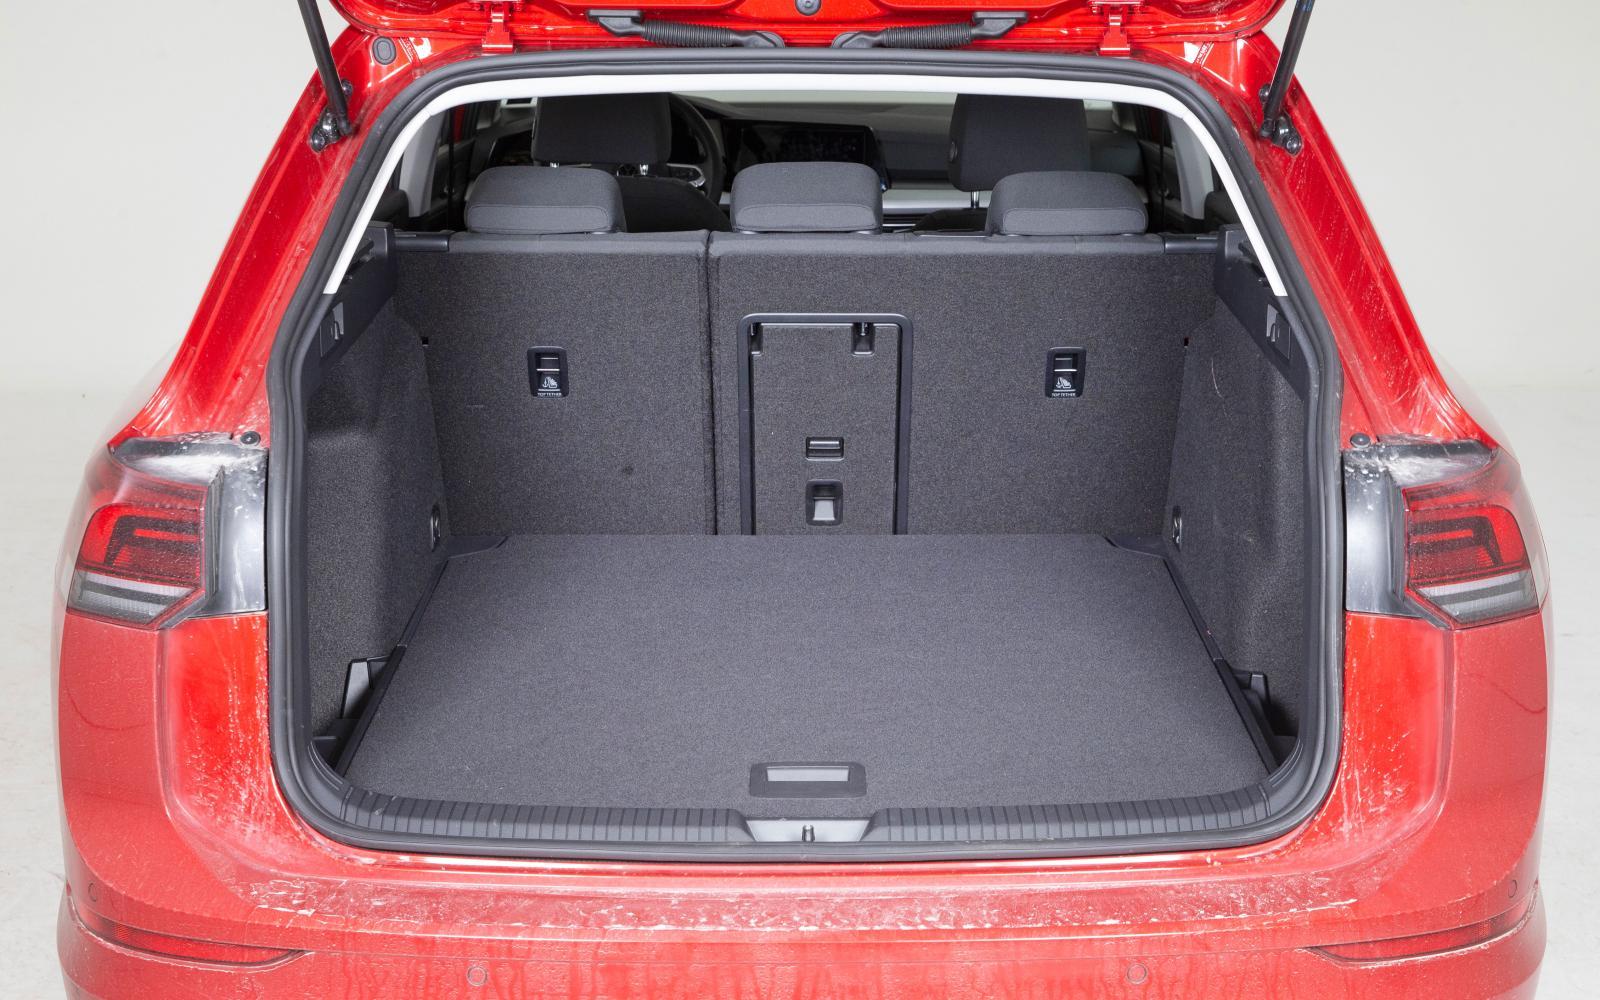 Volkswagen: I princip identisk med Seat Leon med föredömlig flexibilitet. Rakare utformning på bakluckan bidrar till att Golf är lättare att packa full och sväljer mer.